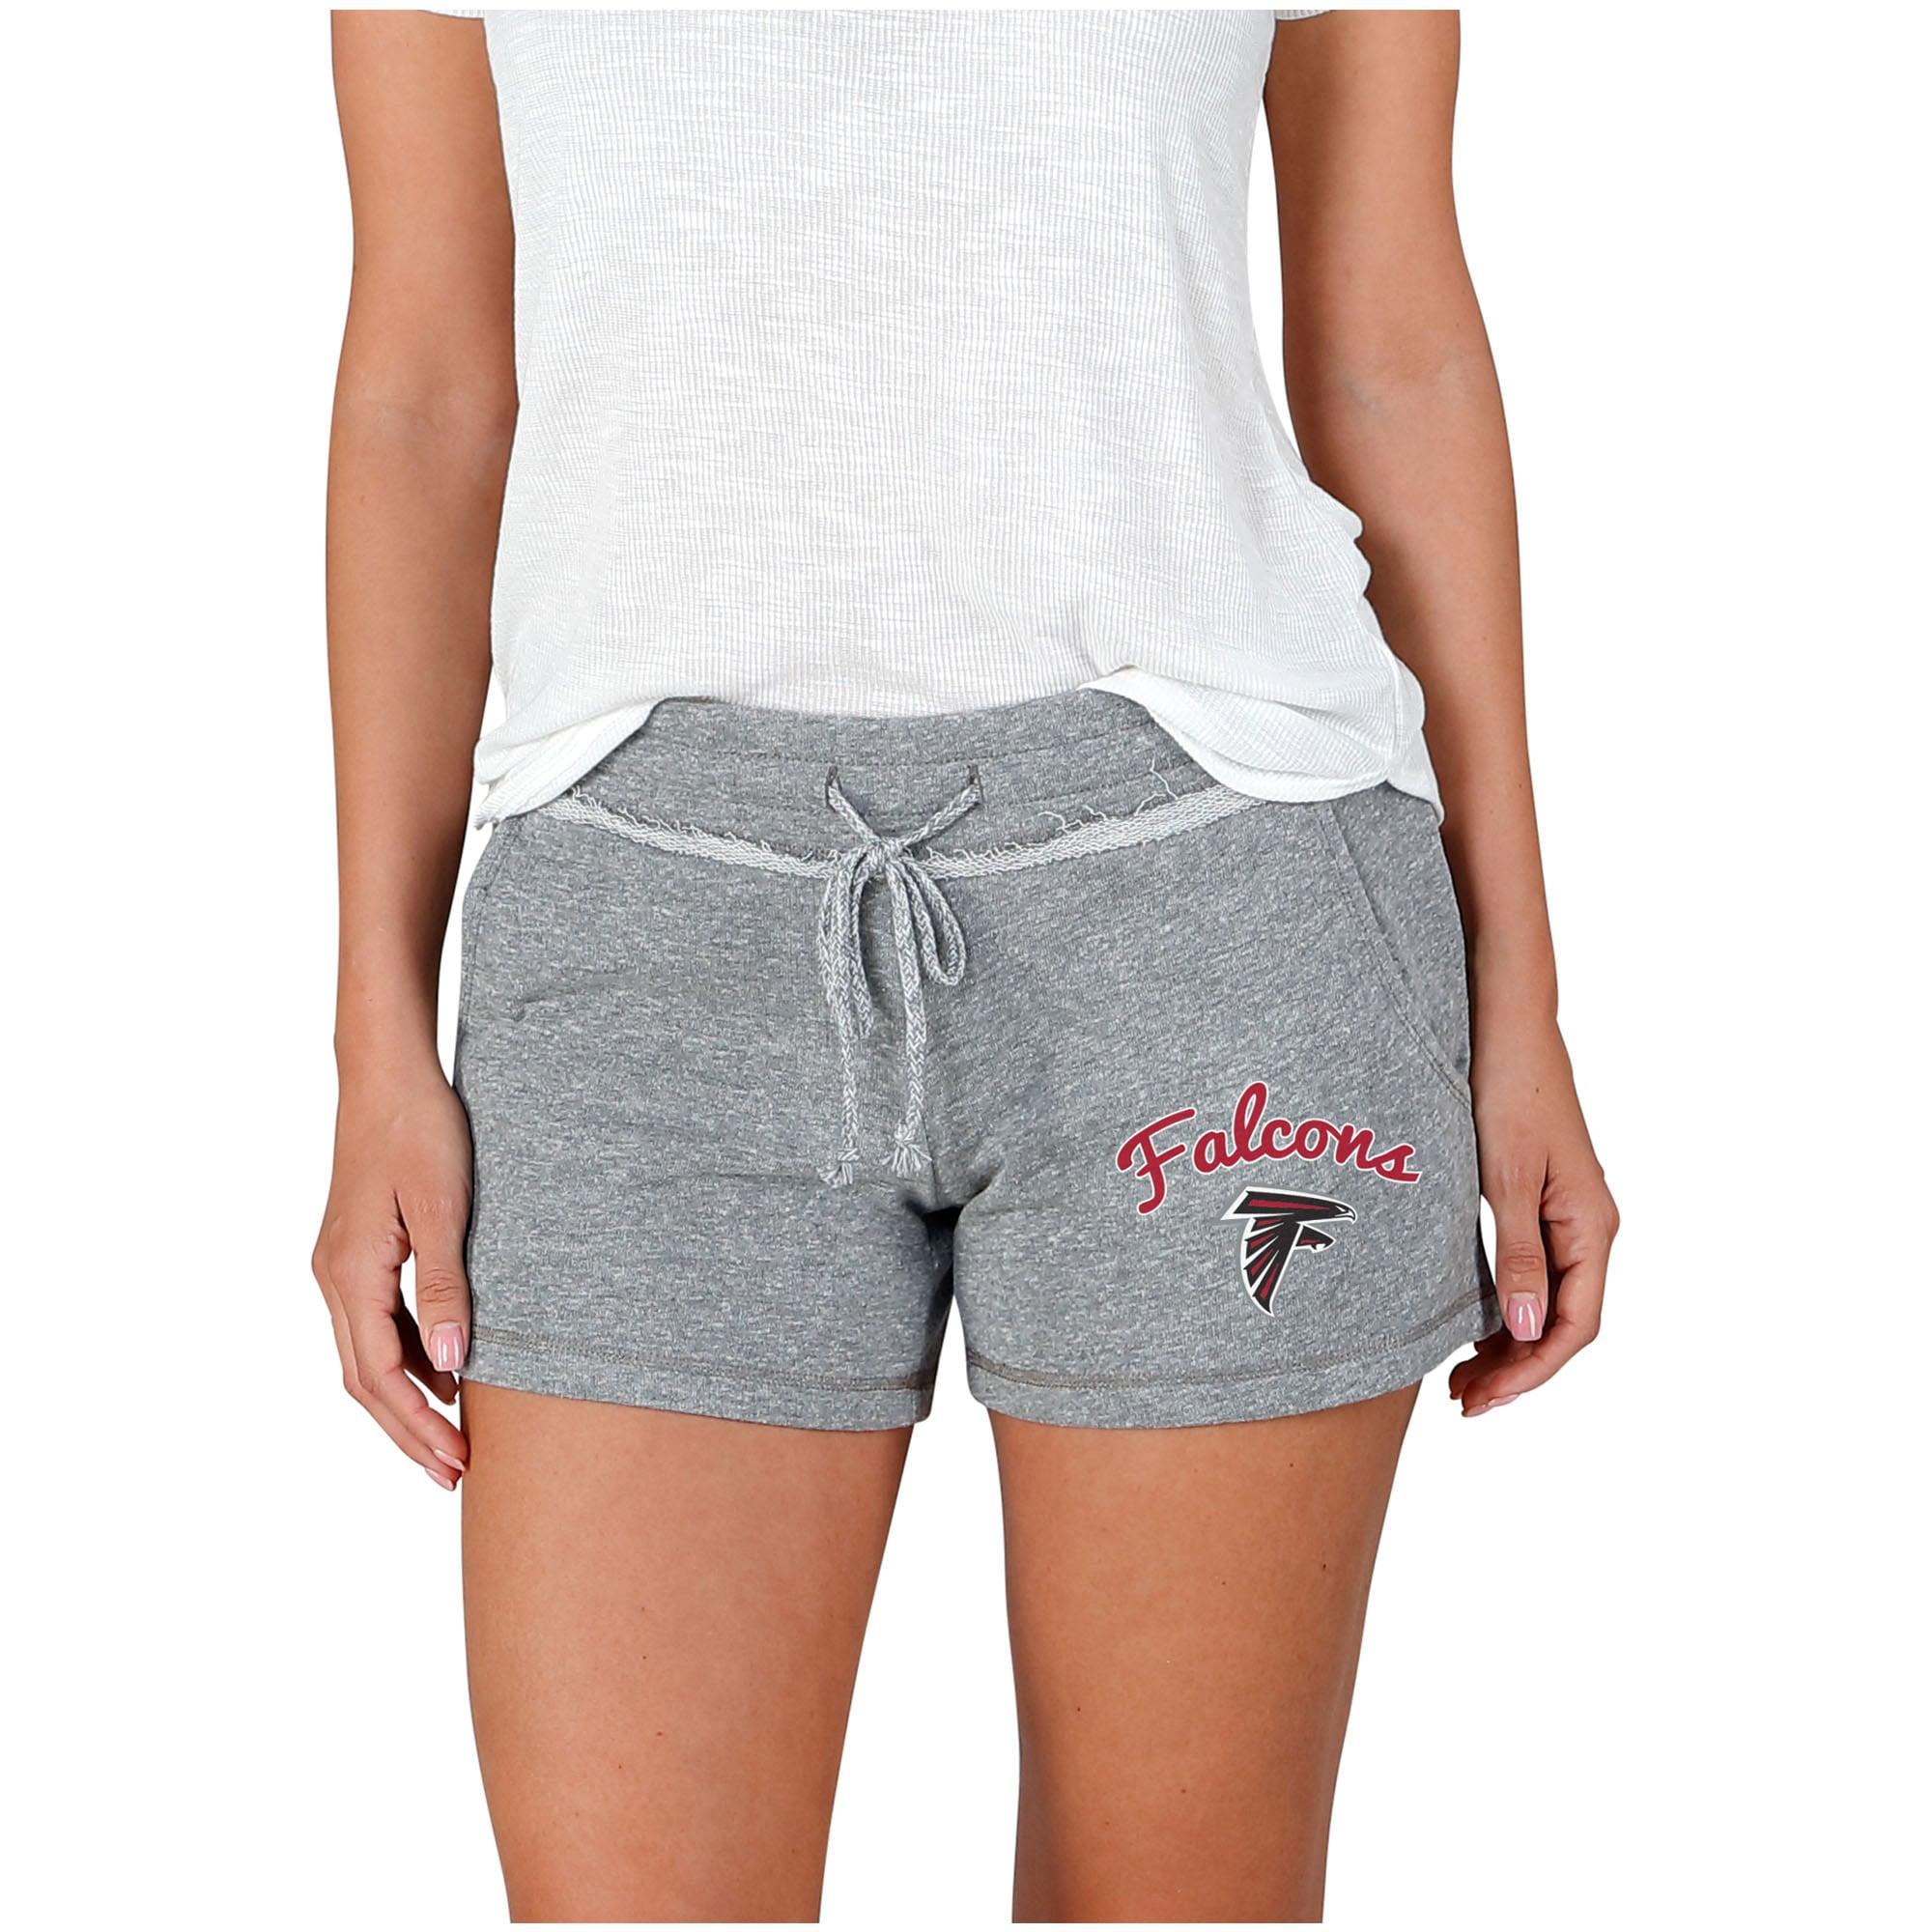 Atlanta Falcons Concepts Sport Women's Mainstream Terry Shorts - Gray